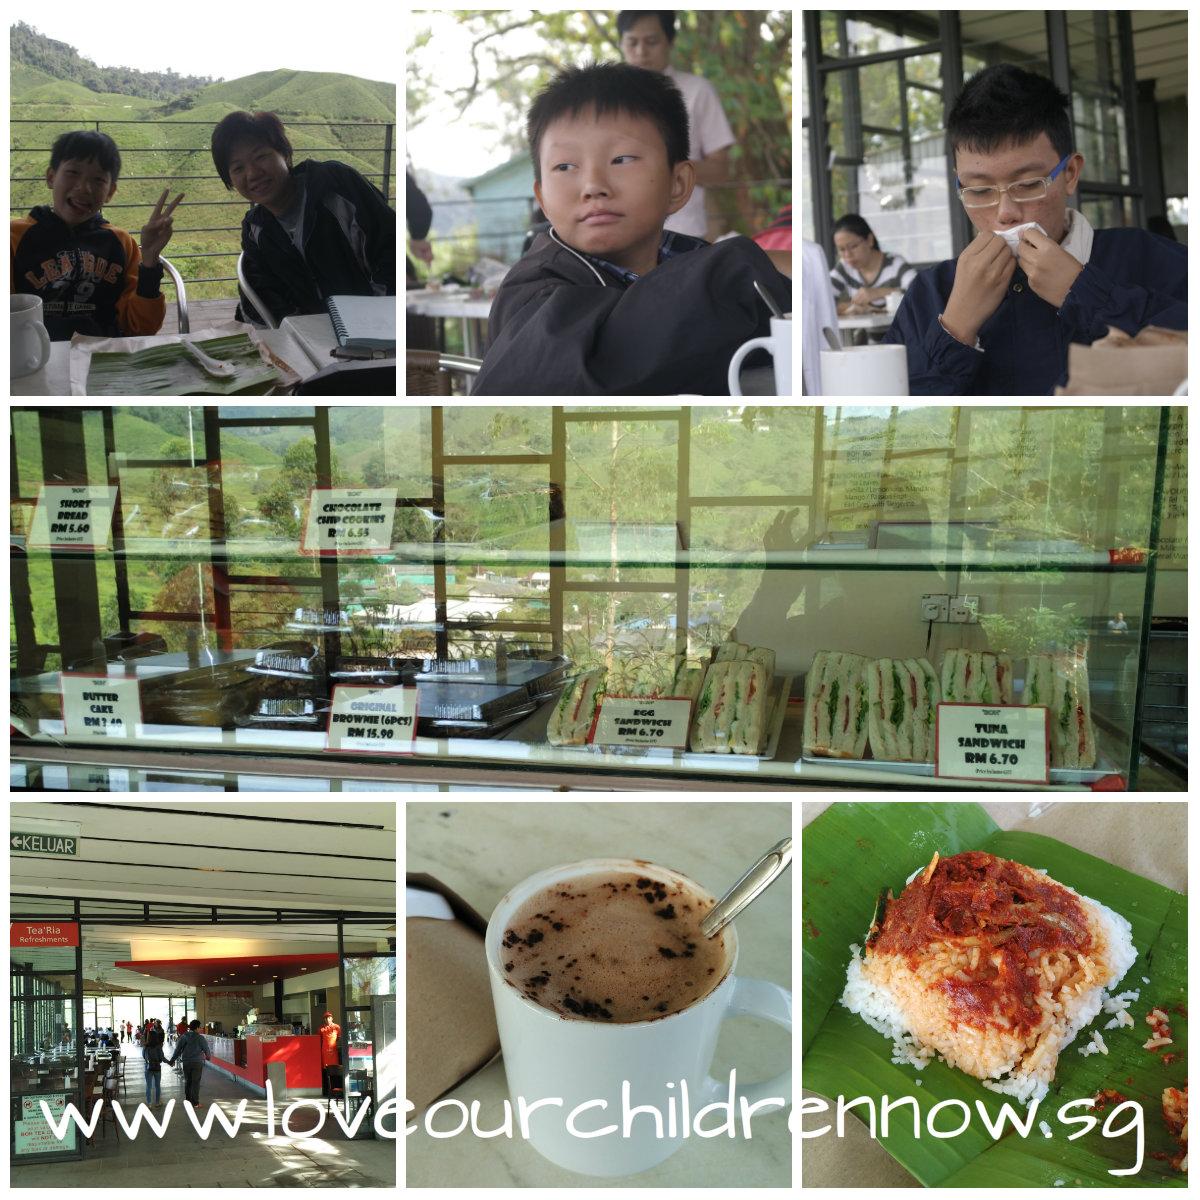 cameron-boh-tea-brinchang-breakfast